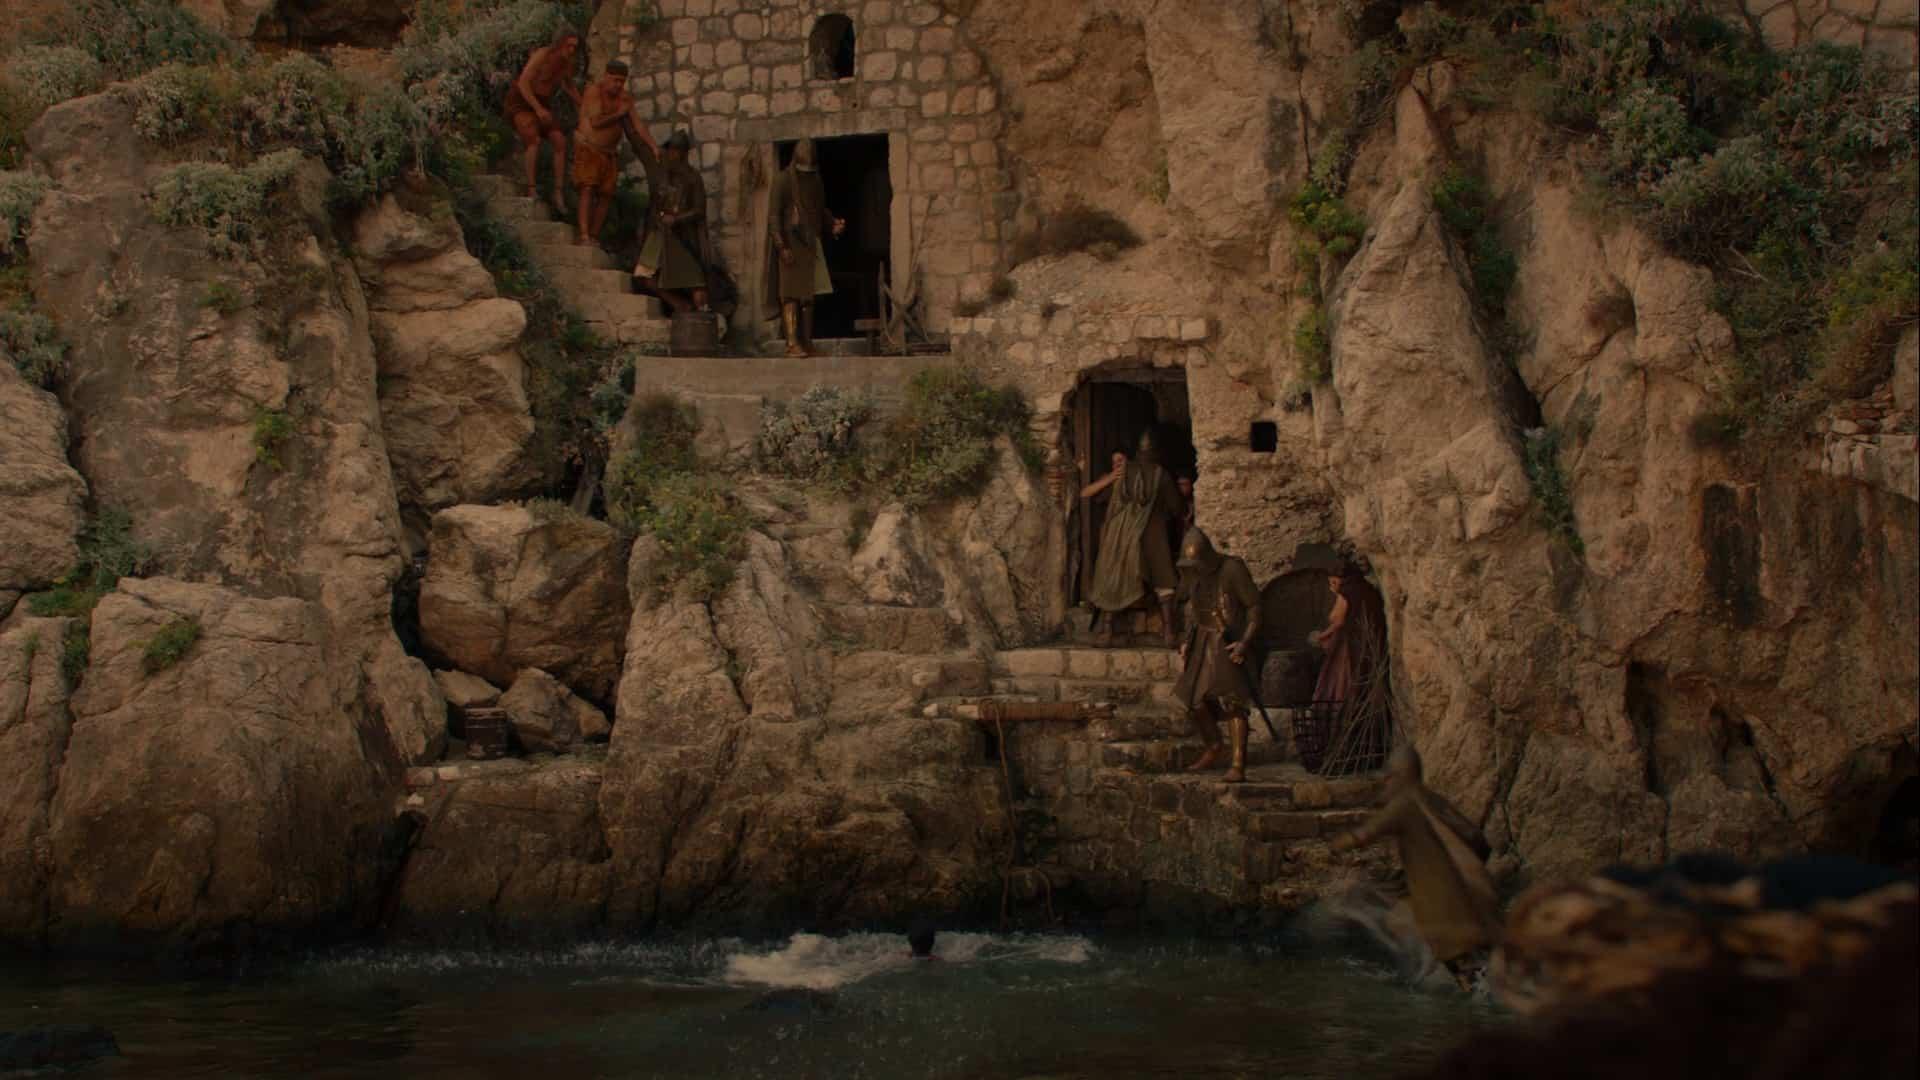 Copie d'écran tirée de la série « Game of thrones » saison 2, épisode 1 / HBO